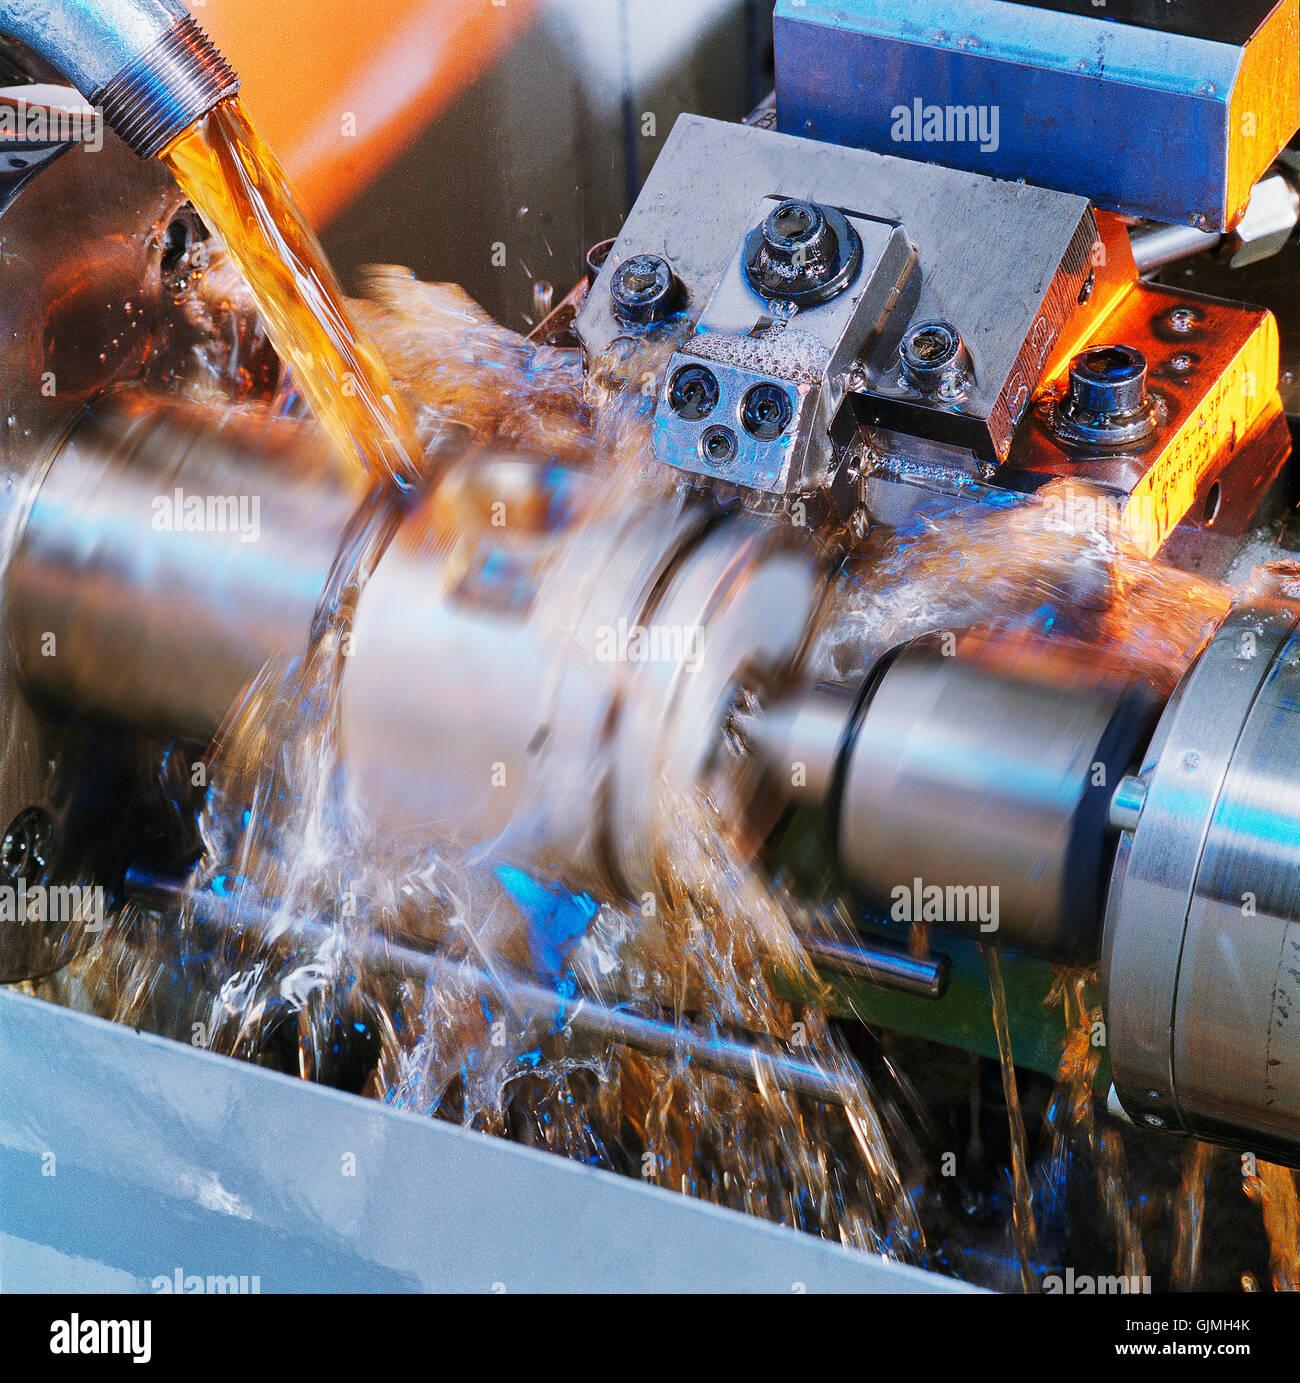 L'industria di fabbricazione di metalli Immagini Stock